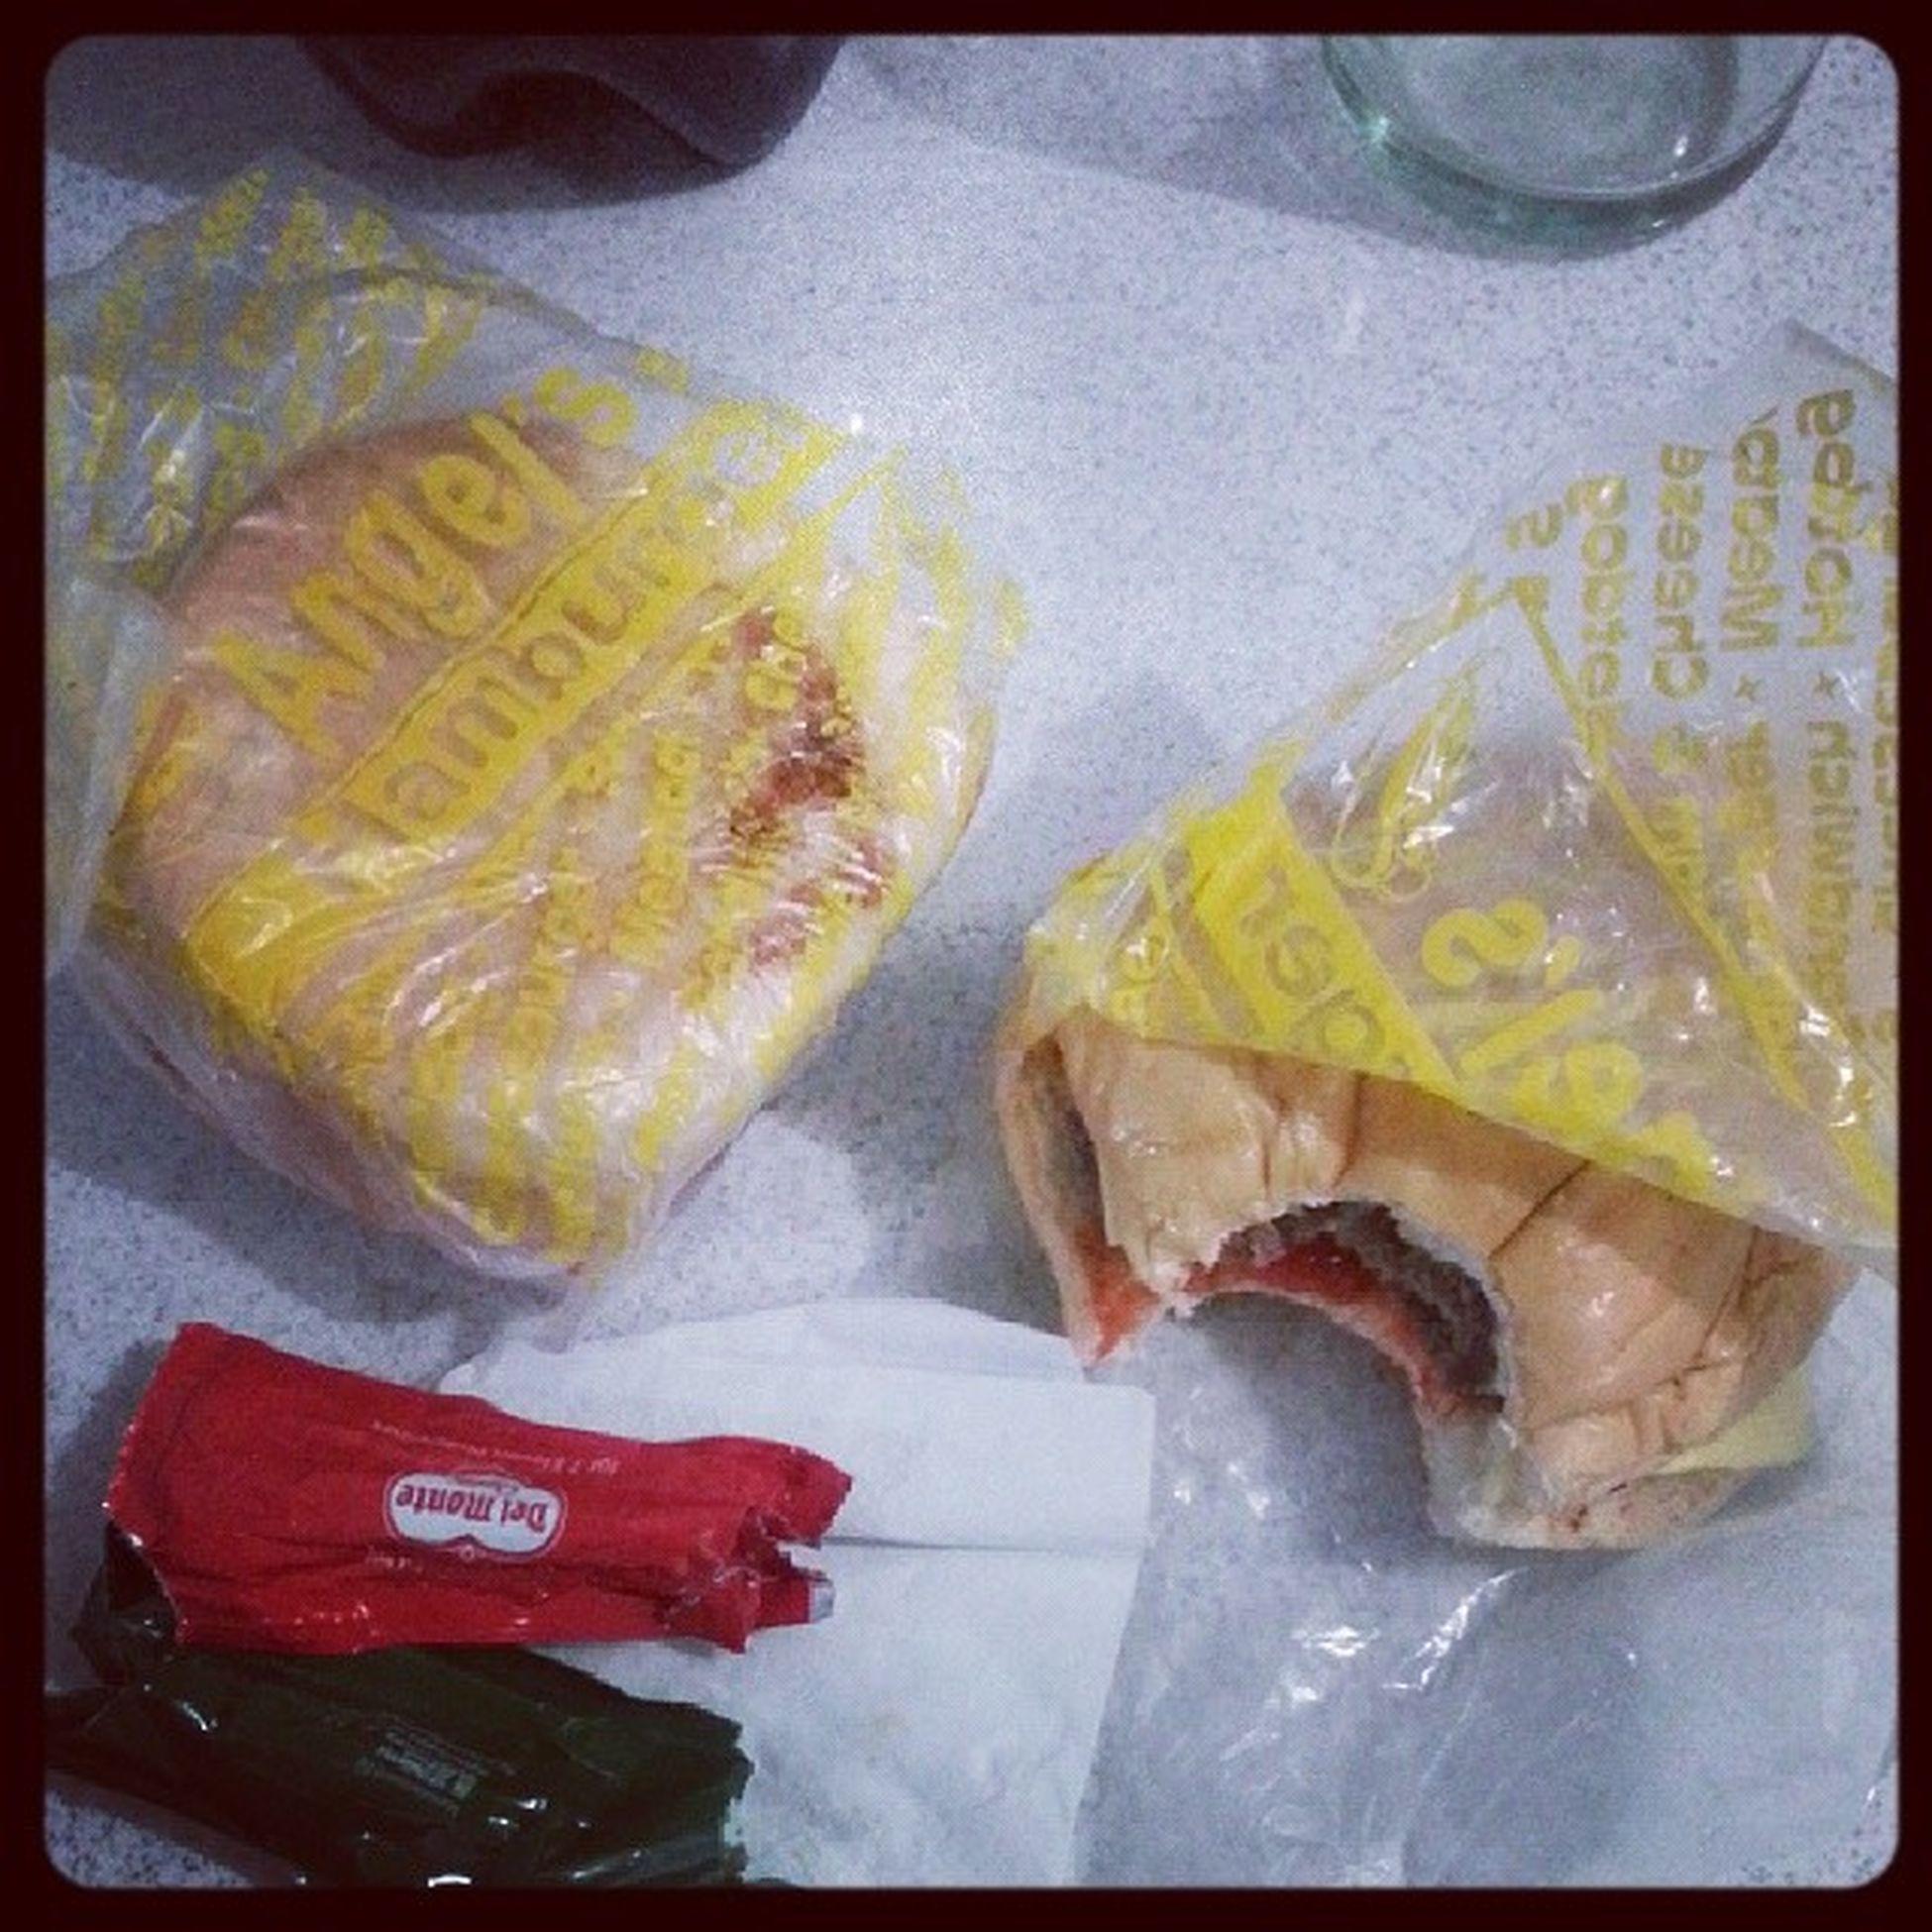 Midnight snack... eh sa eto lang ang pinaka malapit sa bahay e. Angels burger. Sa unang kagat tinapay. Solb Busoglusog Ipalukongay Masingo